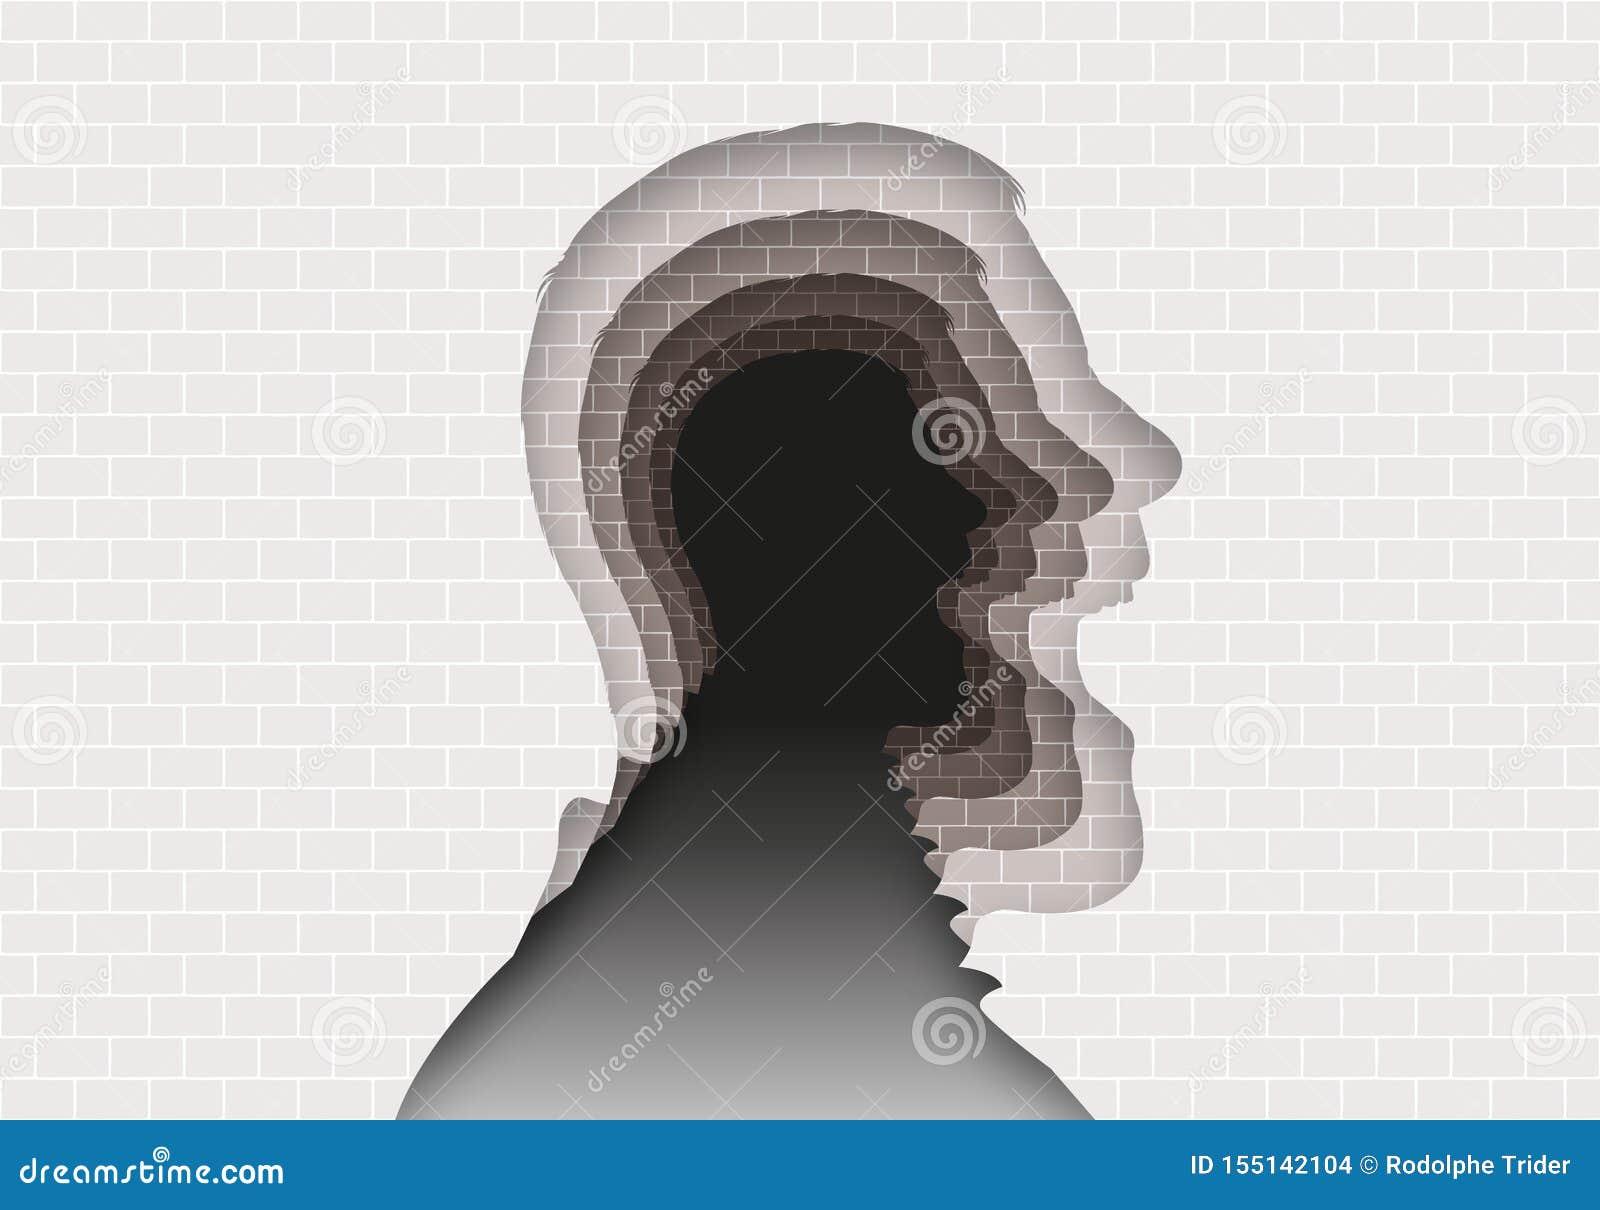 Έννοια του μυστηρίου των διανοητικών ασθενειών με ένα επικεφαλής σχεδιάγραμμα που επαναλαμβάνεται στο άπειρο